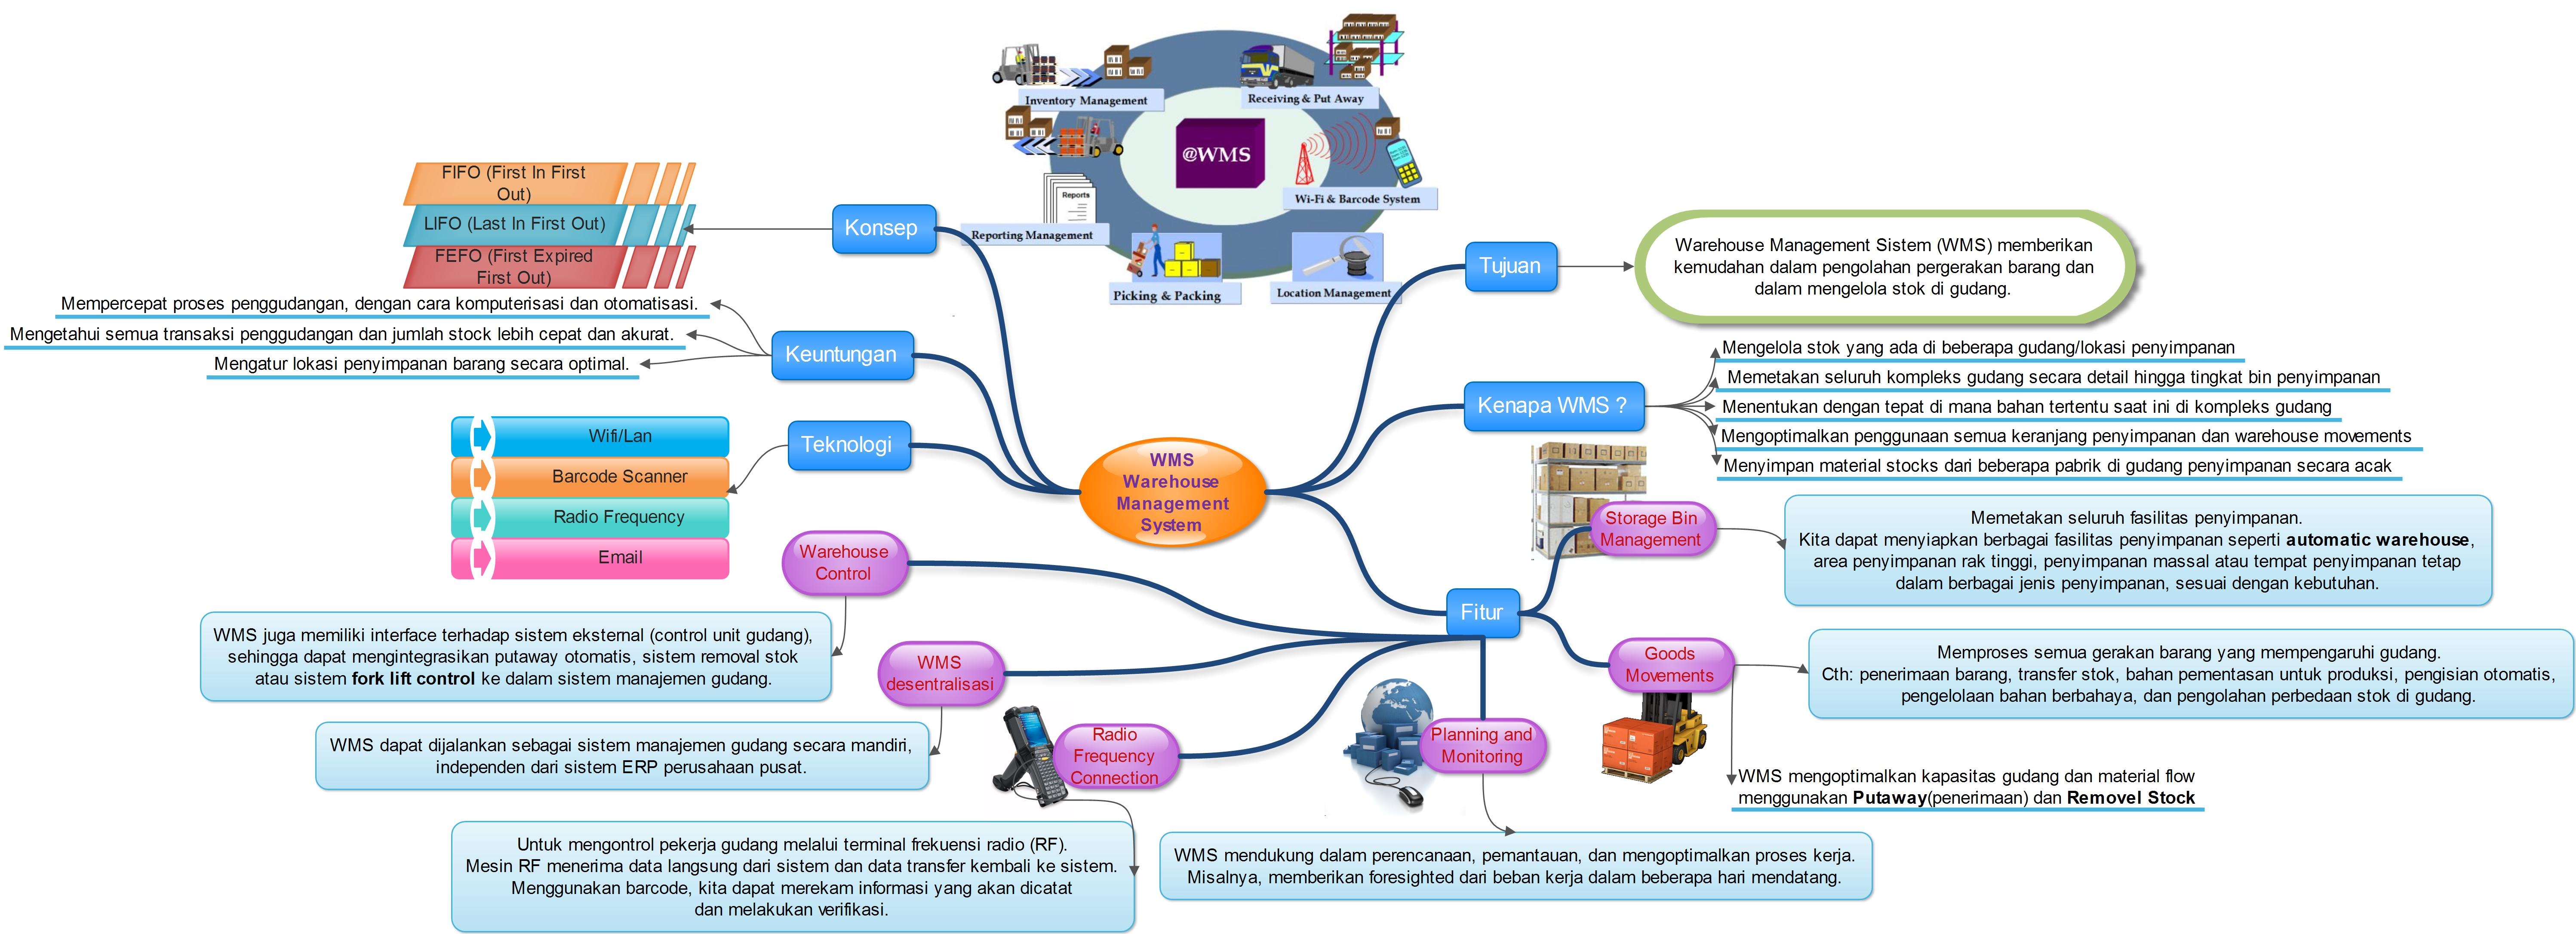 Warehouse Management System (WMS) | Chintiya Zein Sakti